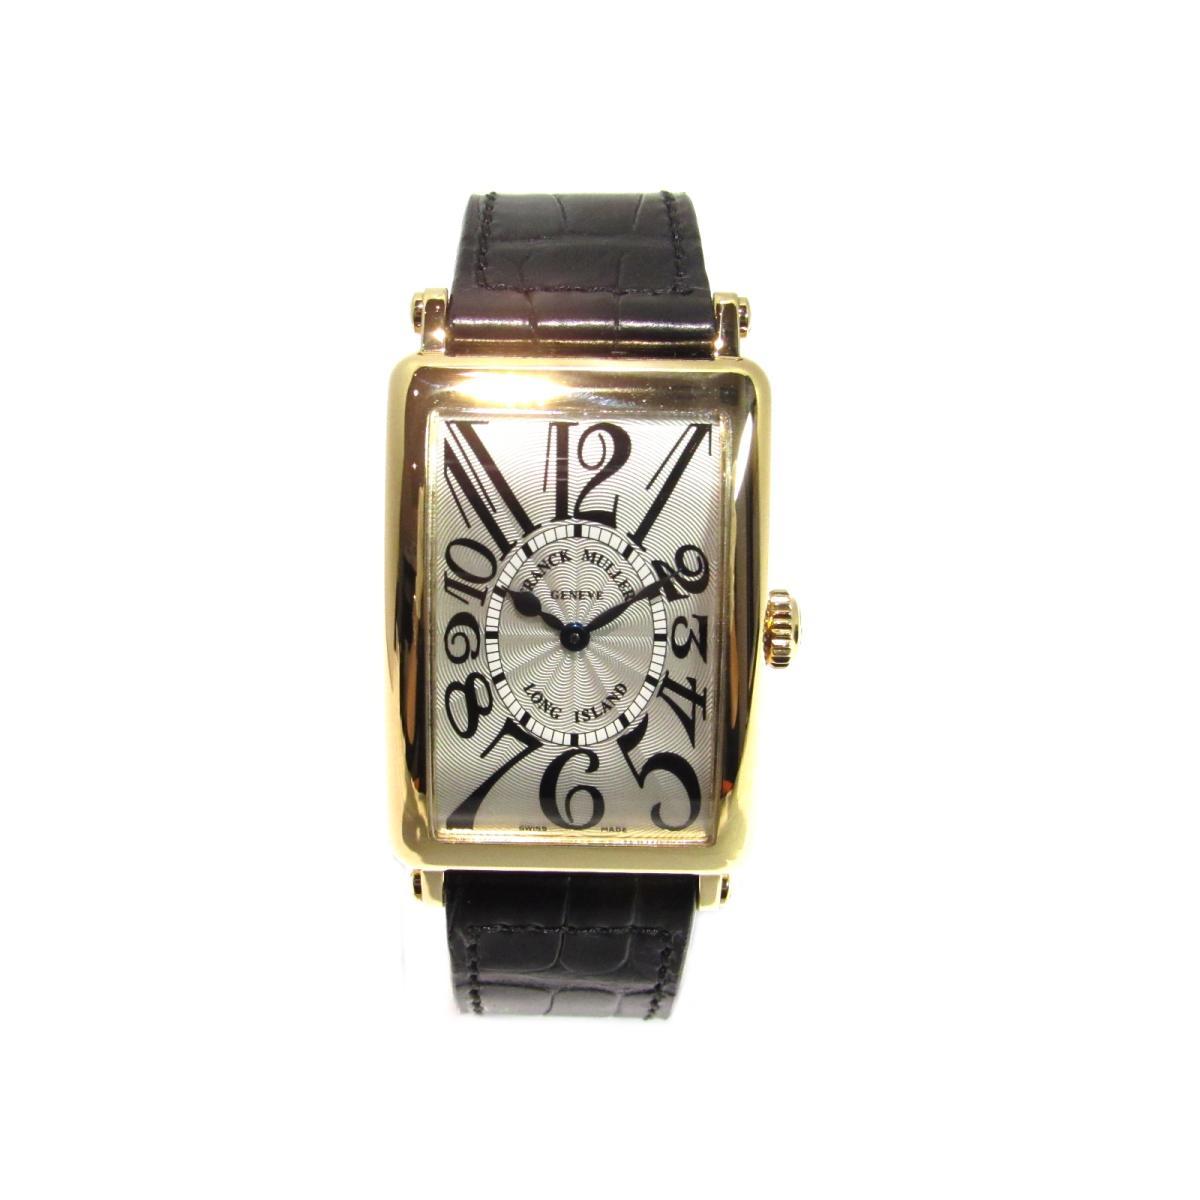 FRANCK MULLER 時計 952QZ ロングアイランド 腕時計/おすすめ/ SALE/お買得品